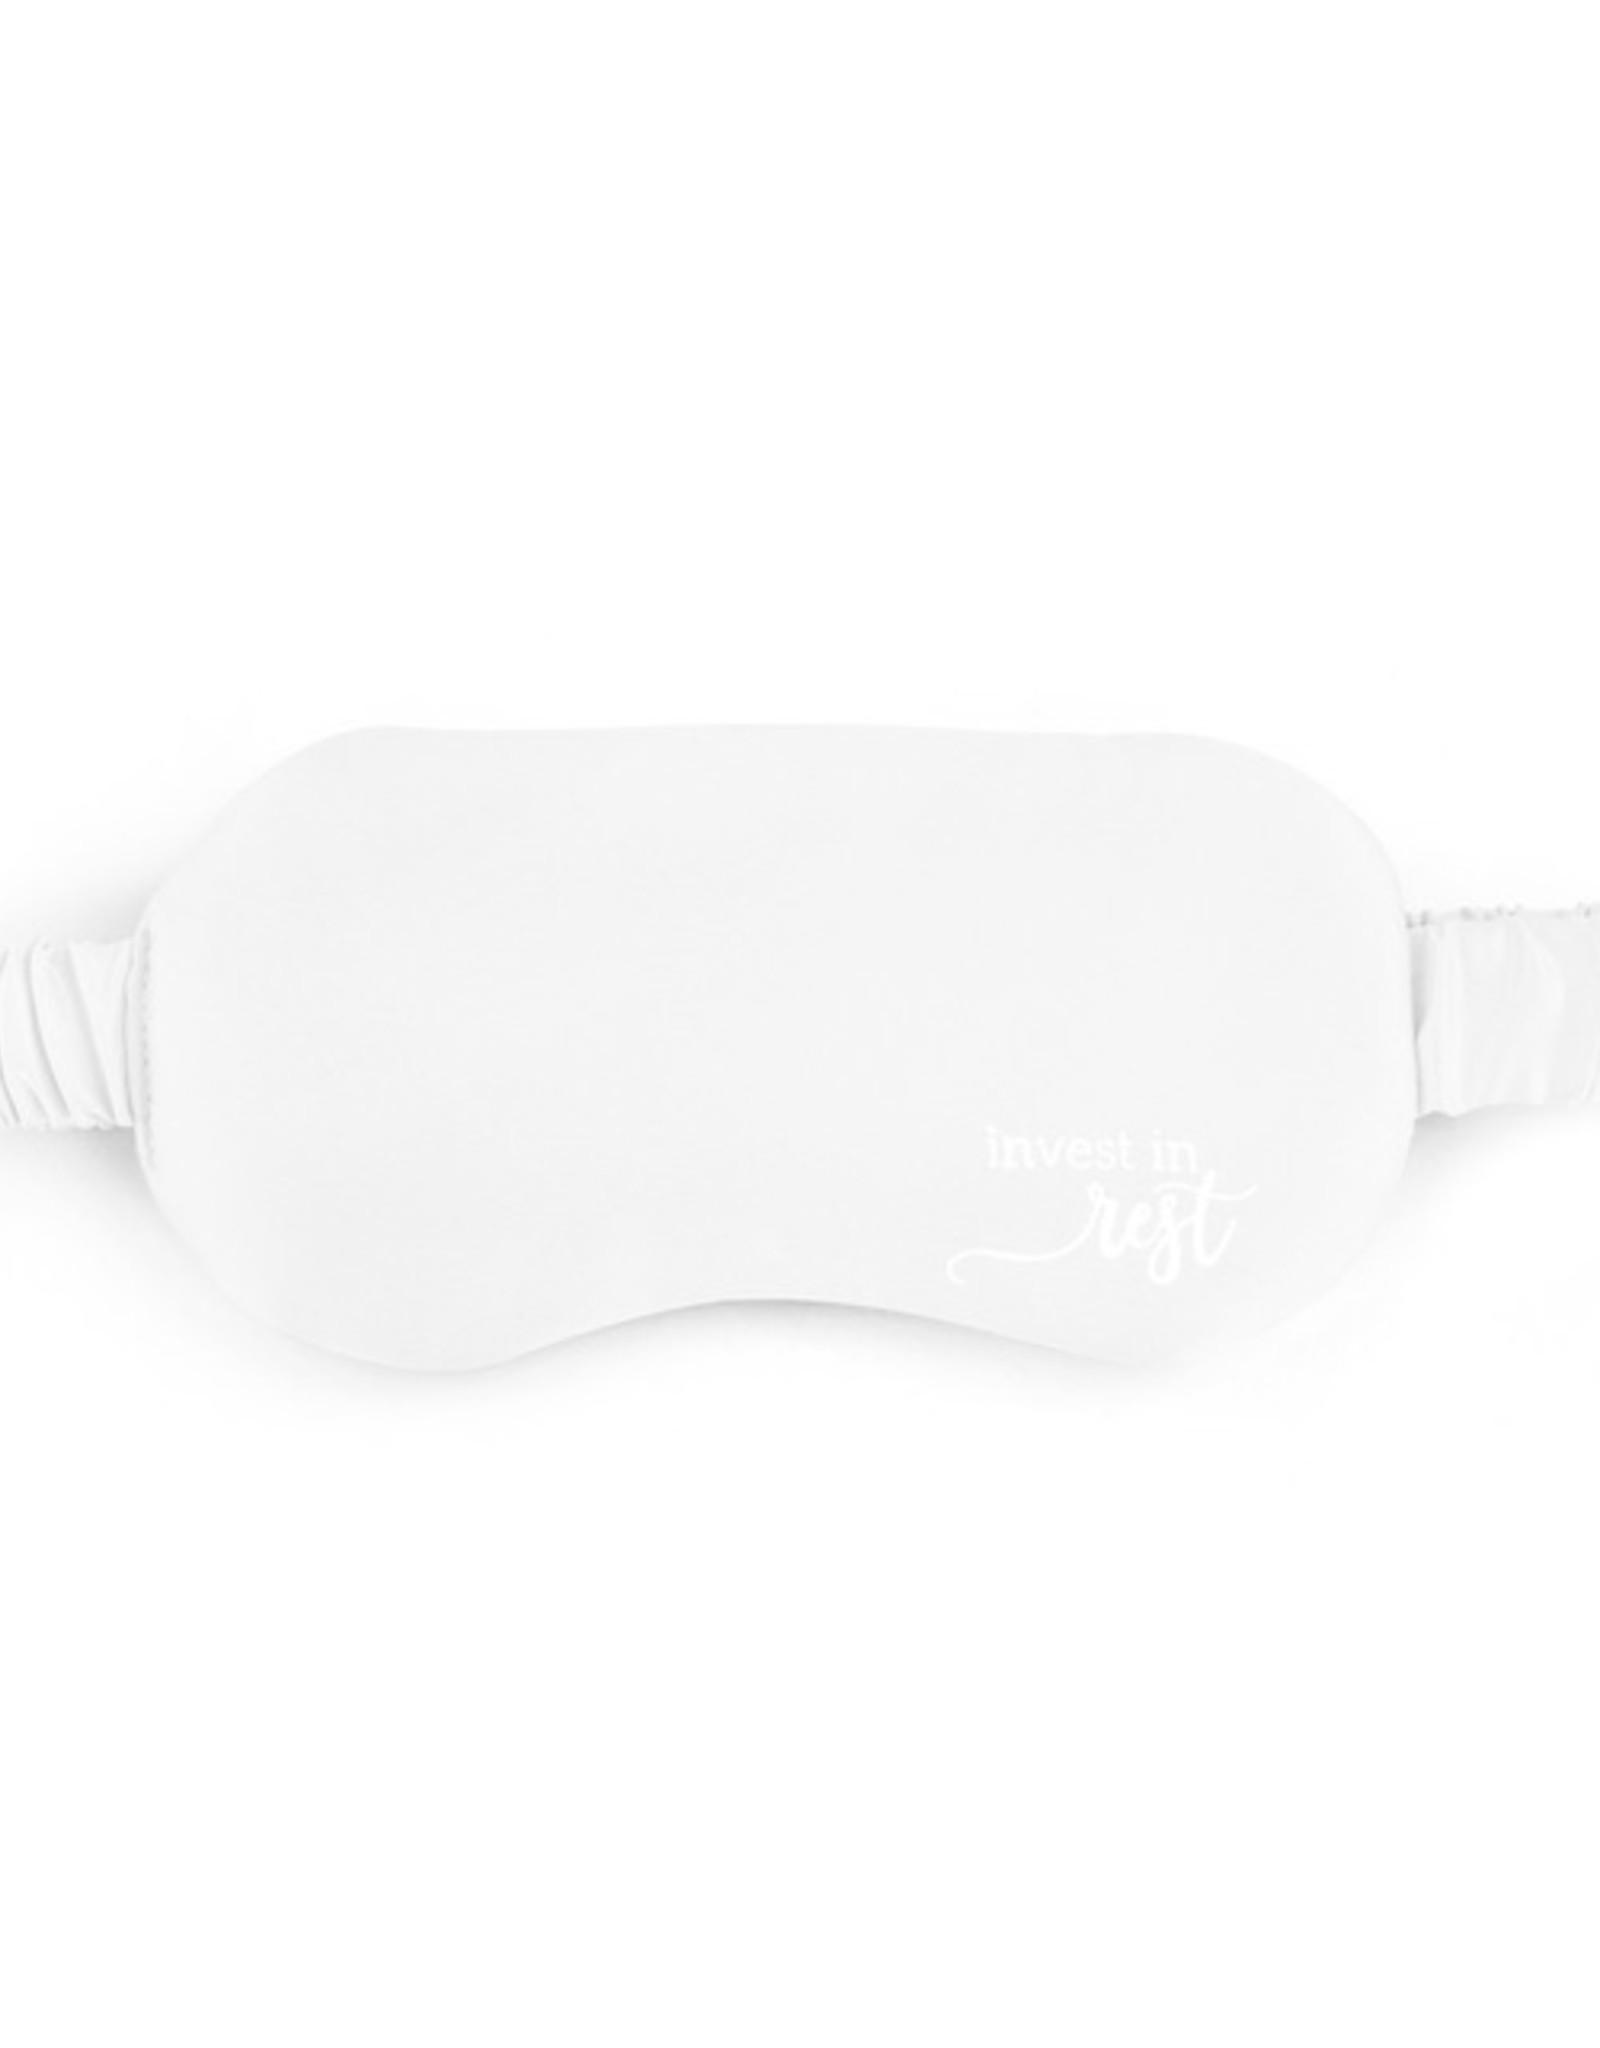 Eye Mask Cream Satin Invest in Rest